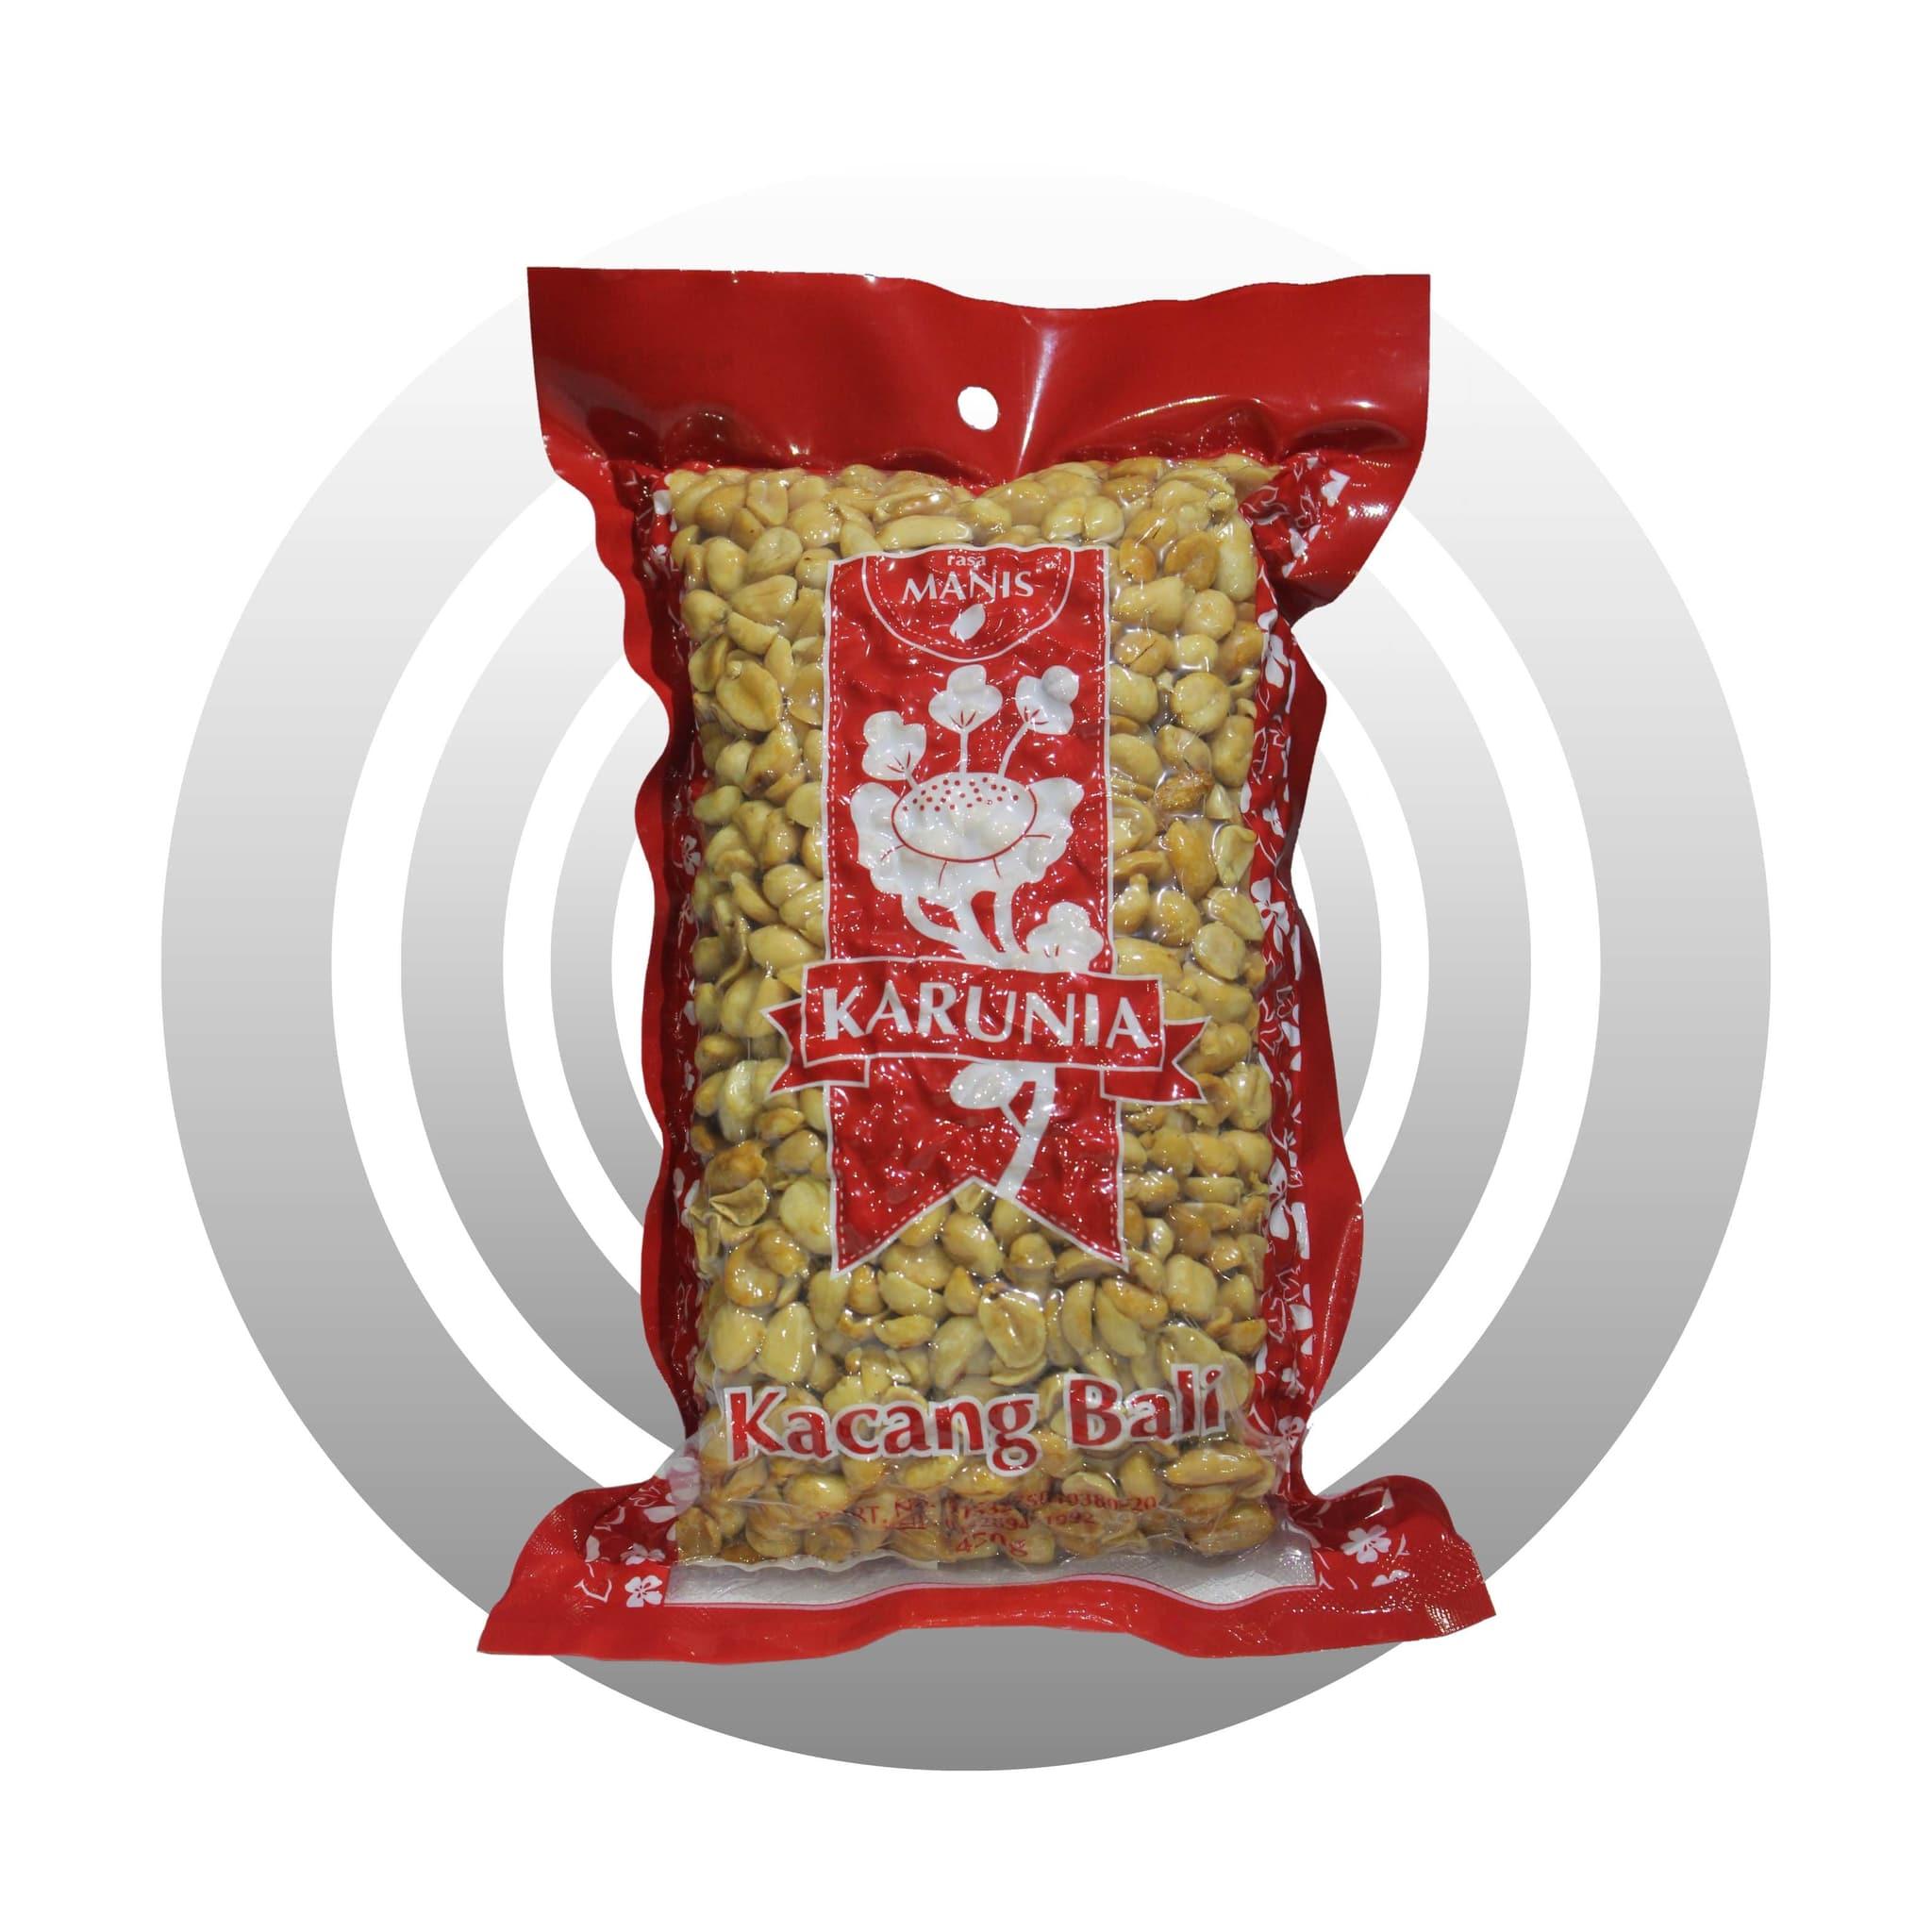 Karunia Kacang Bali Manis 450gr Harga Diskon